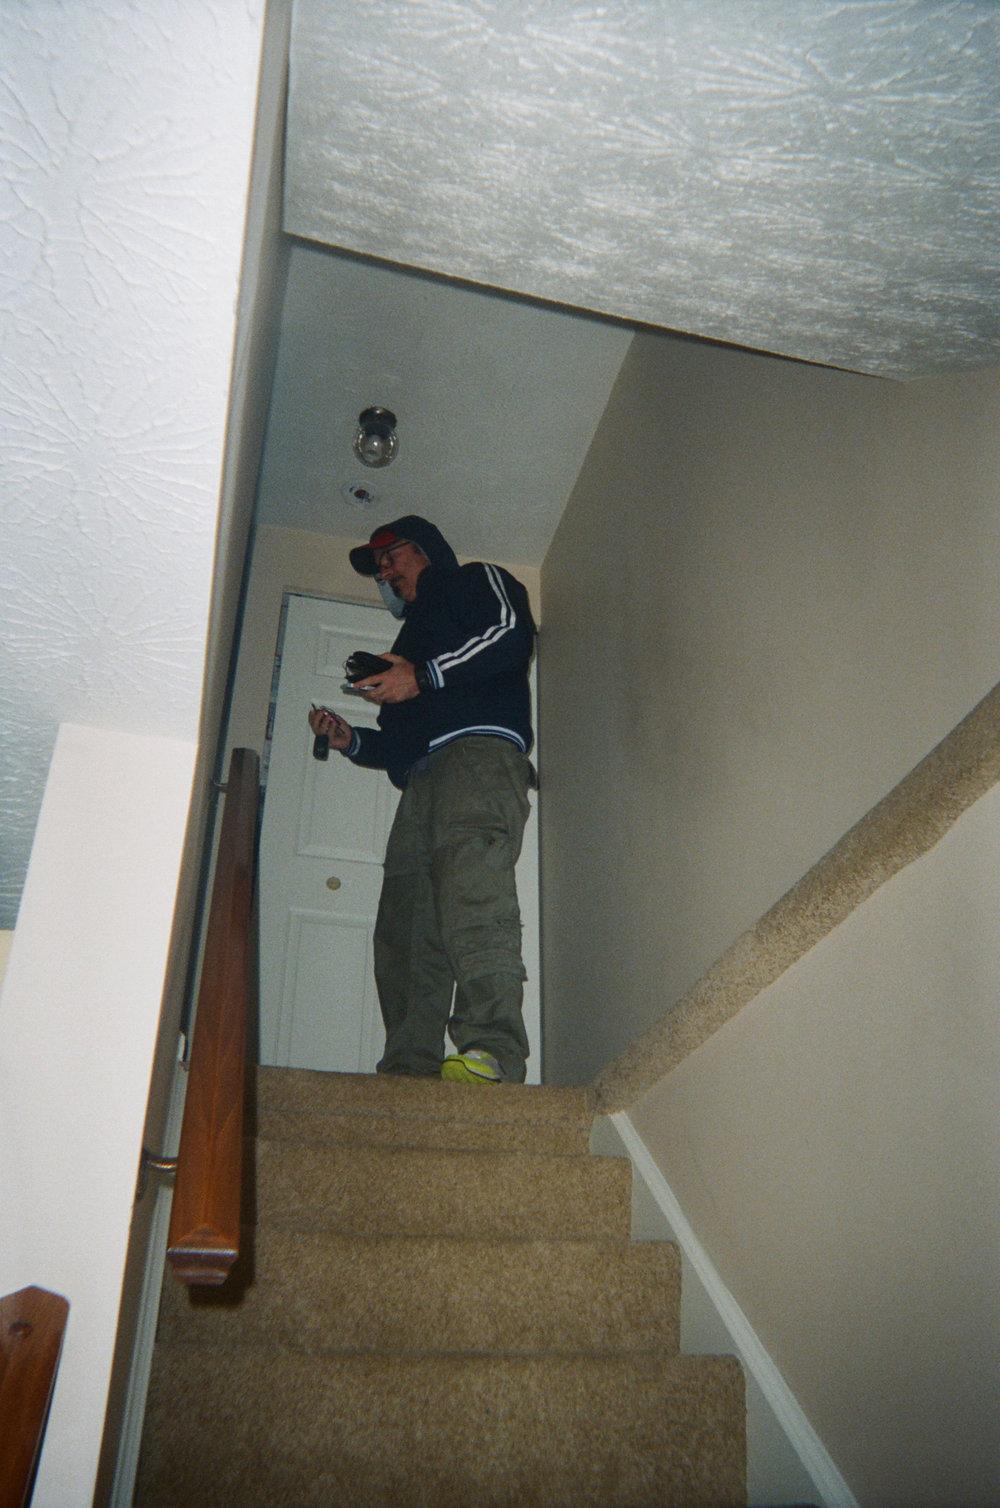 dad on stairs.jpg